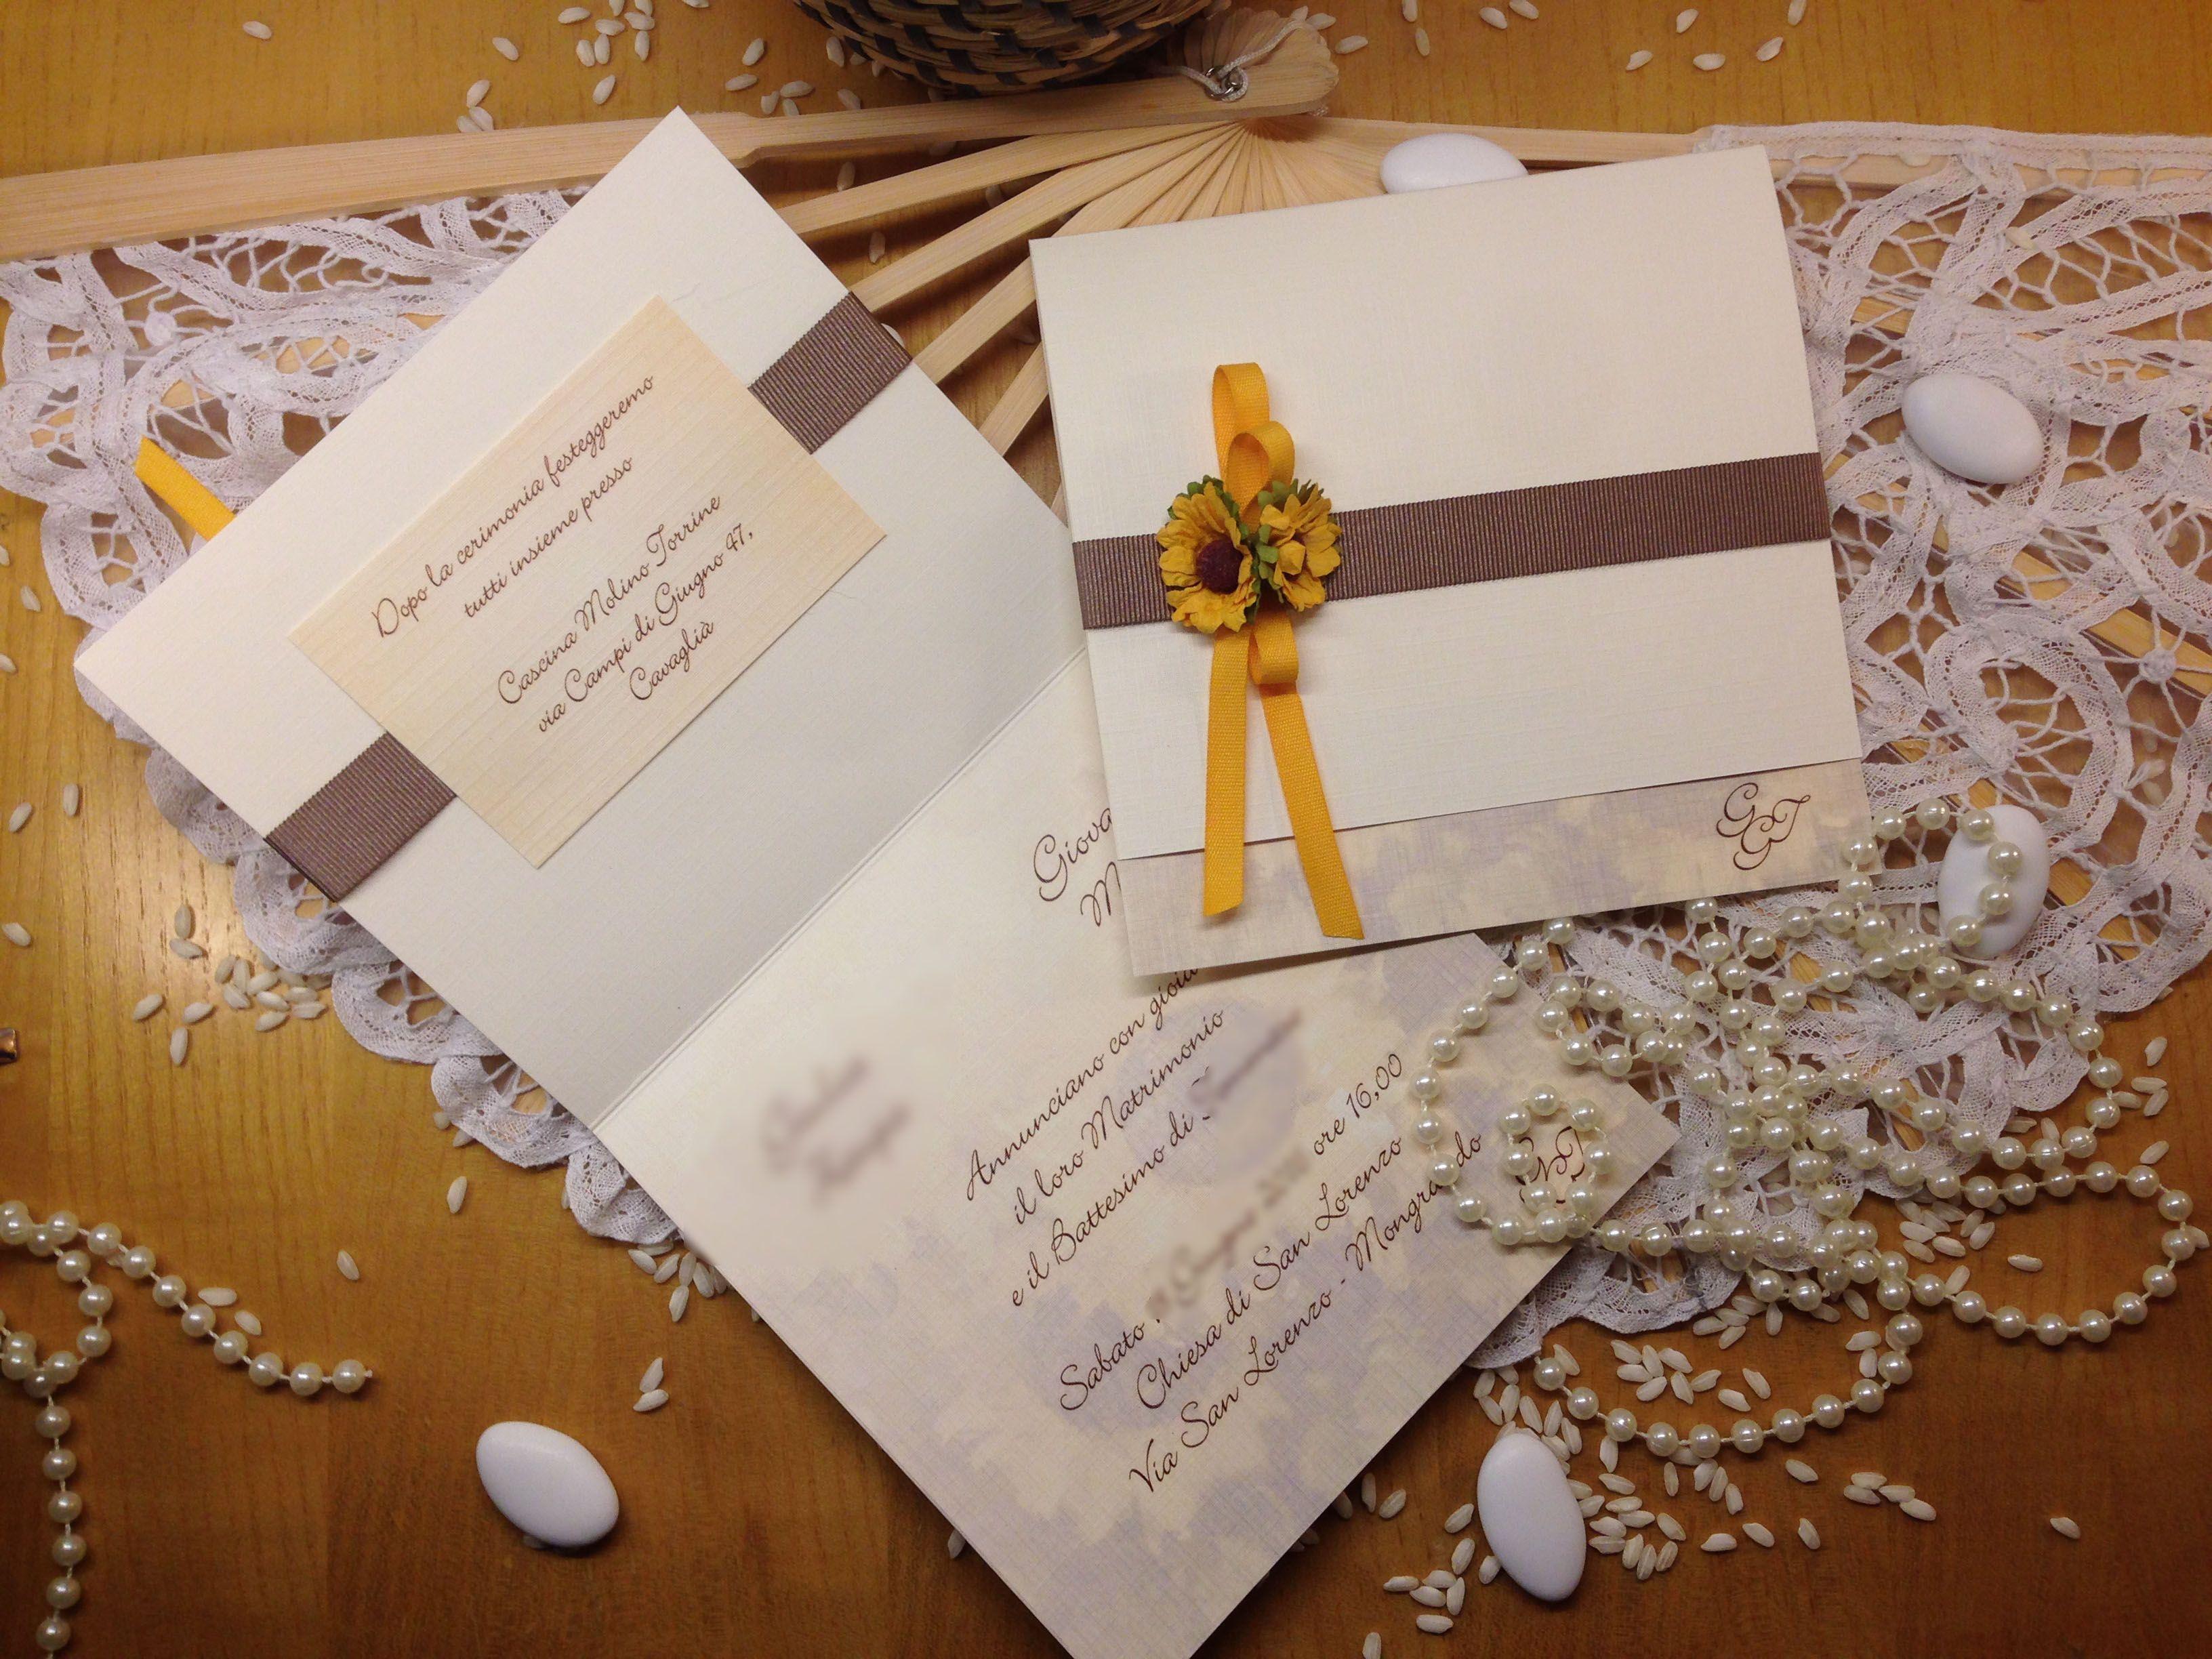 Inviti Matrimonio Girasoli : Partecipazione nozze girasoli rustica u inviti a nozze